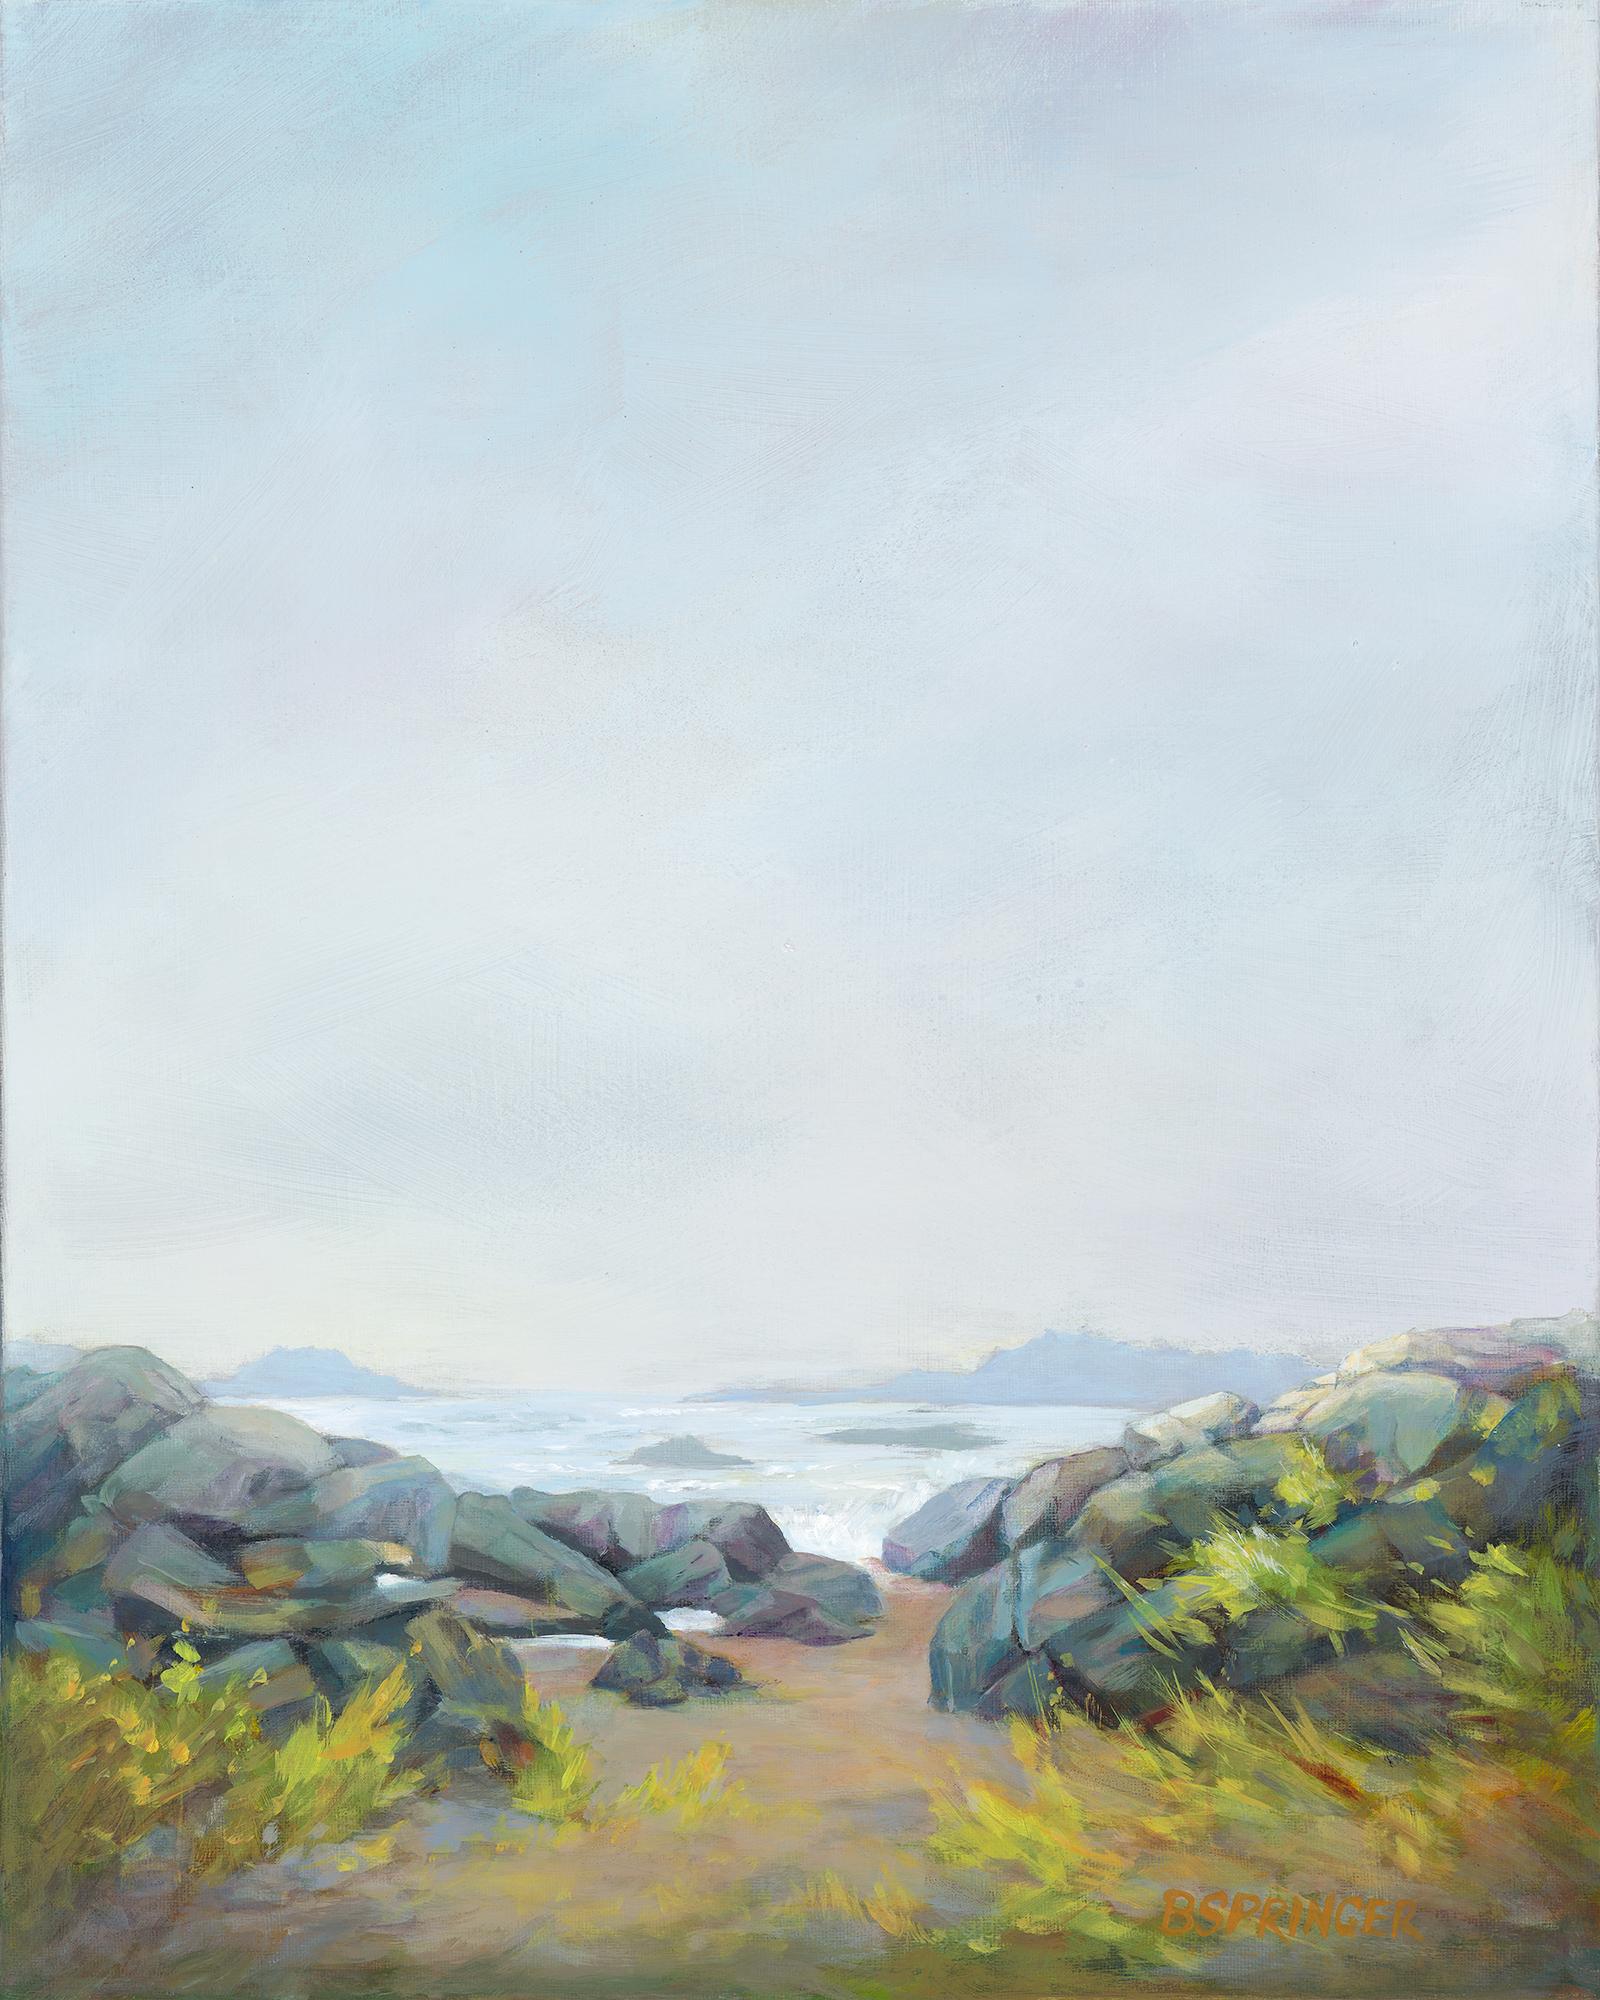 Misty Tofino Beach 16 x 20 Acrylic